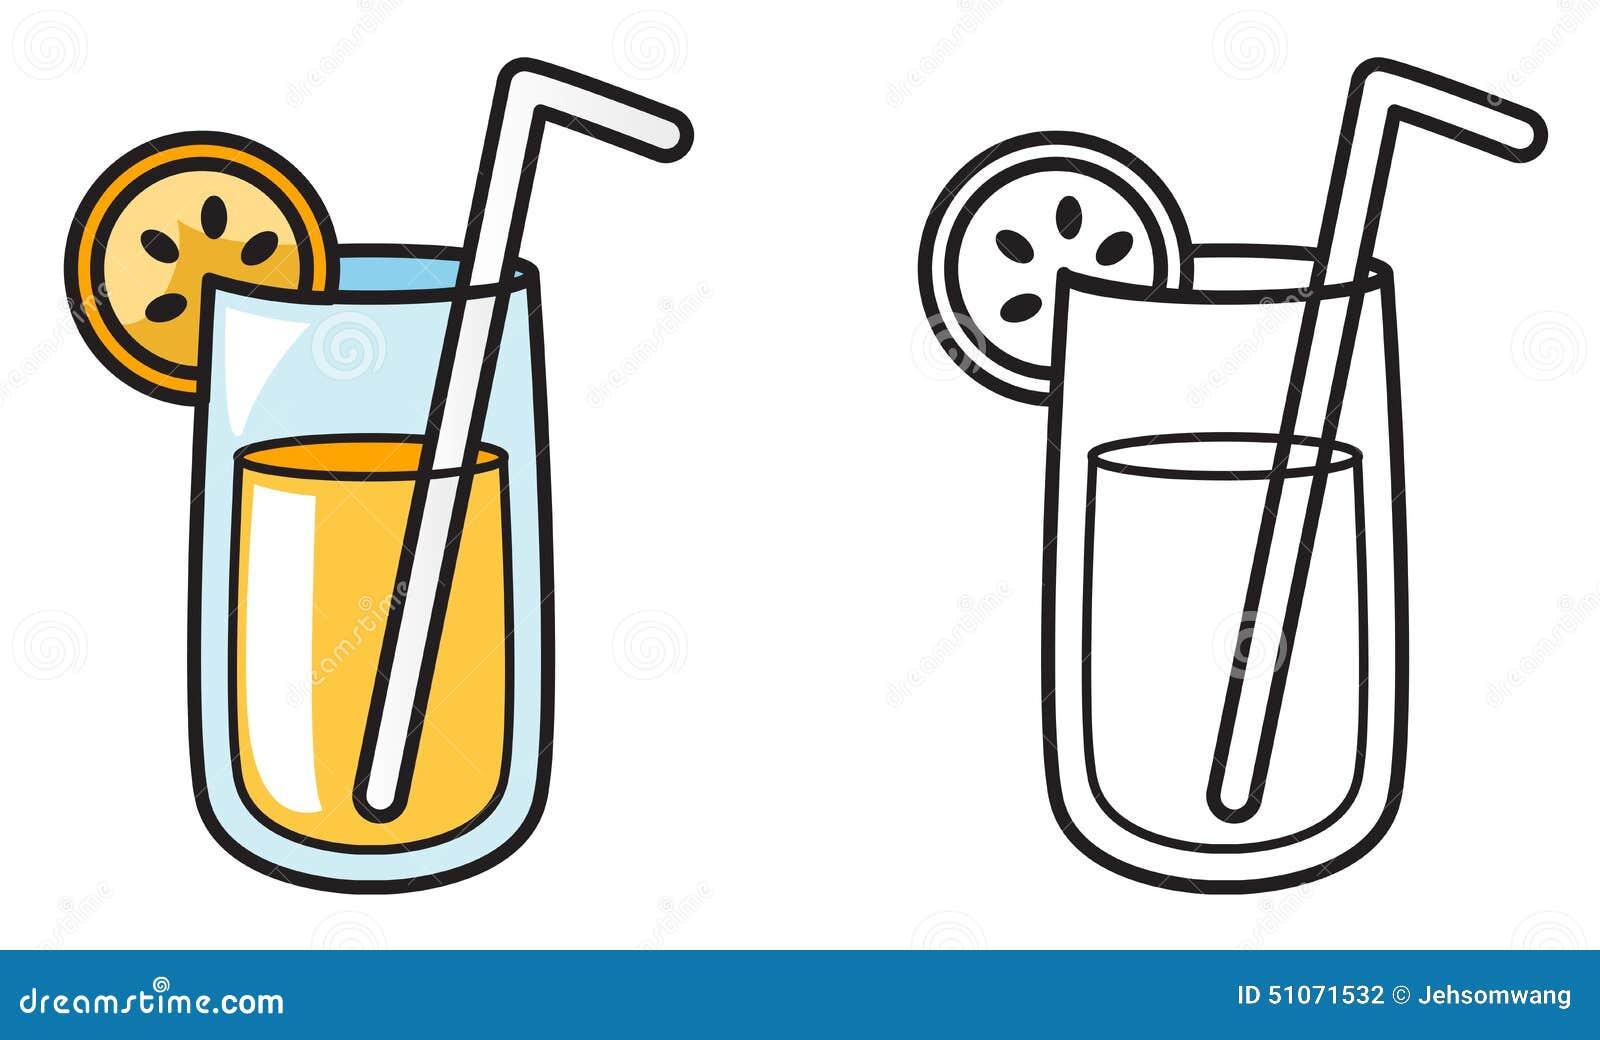 imagens de desenho para colorir de suco